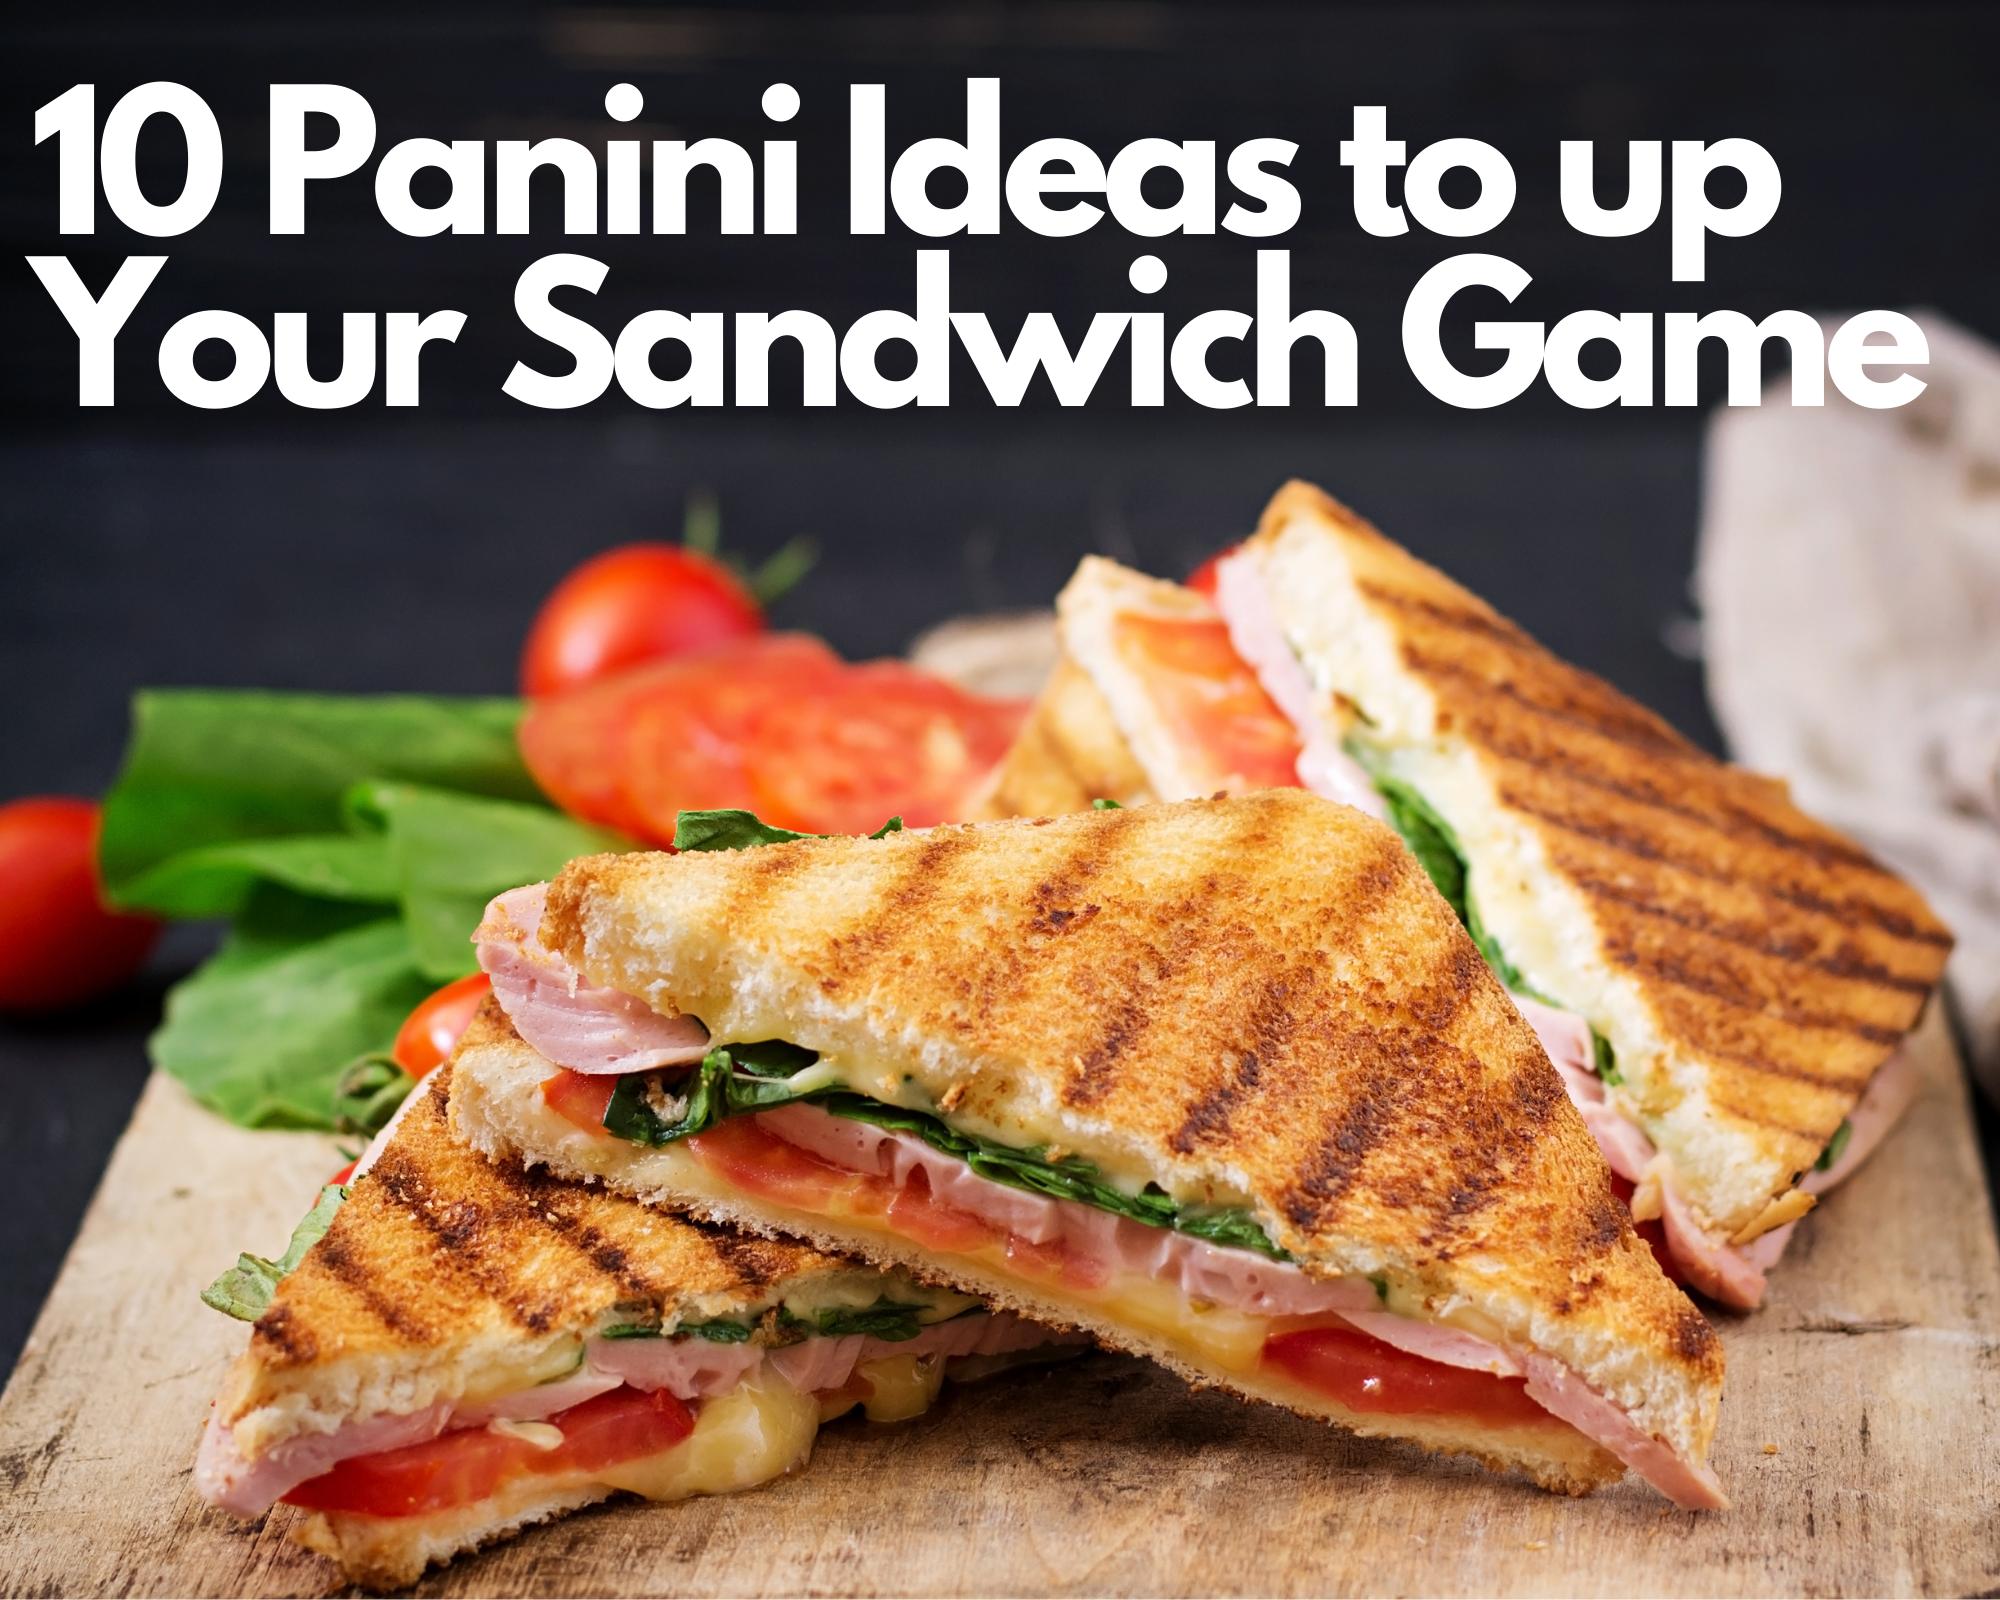 panini recipes to make